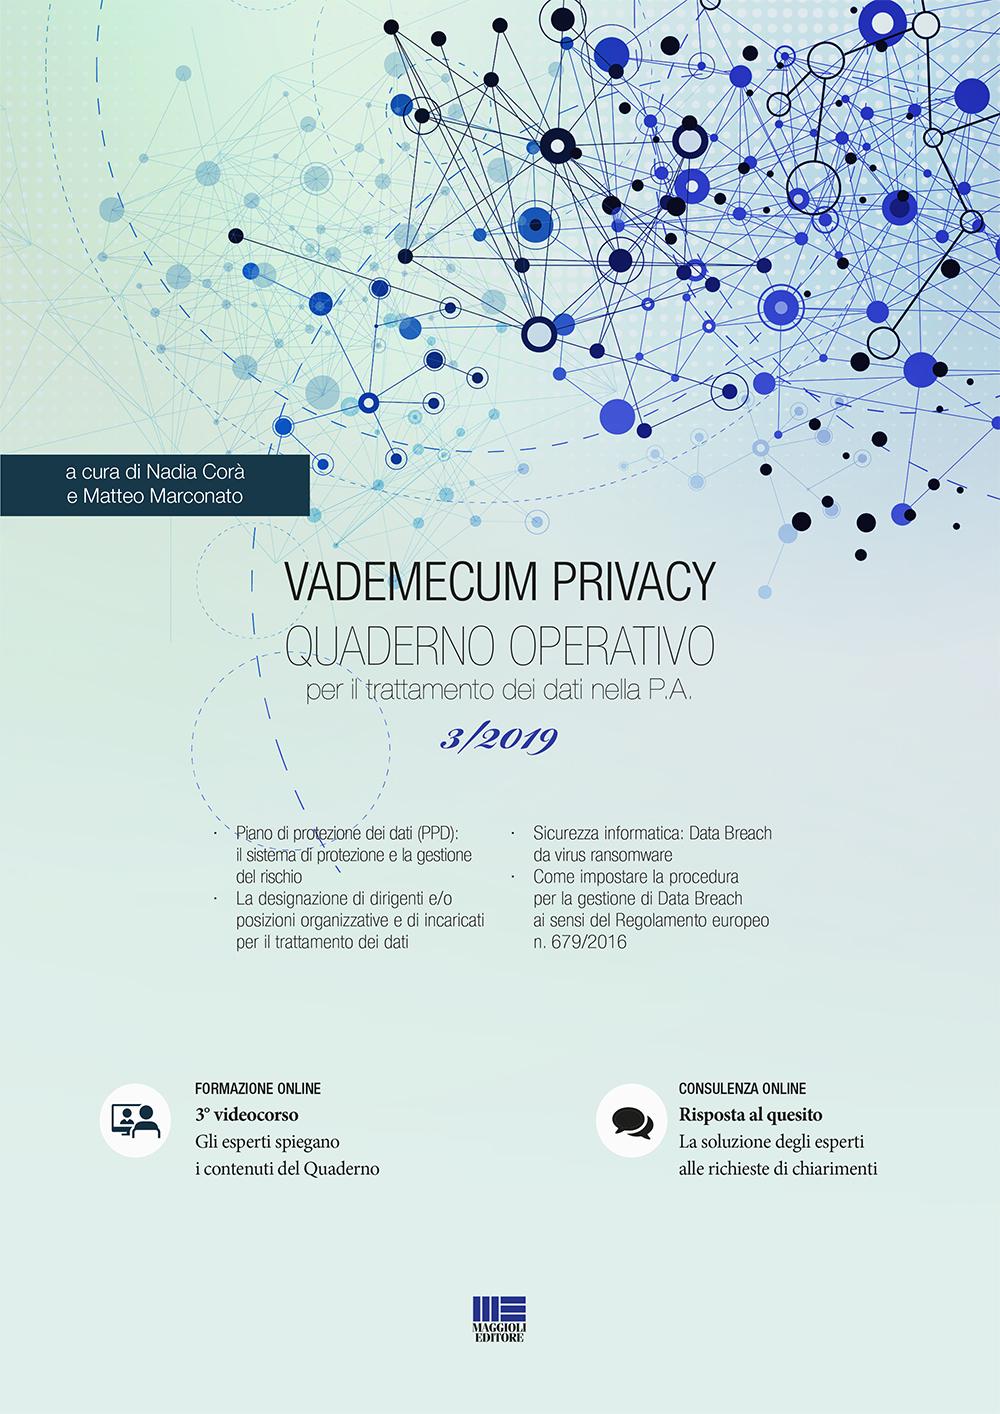 Vademecum privacy. Quaderno operativo 3/2019